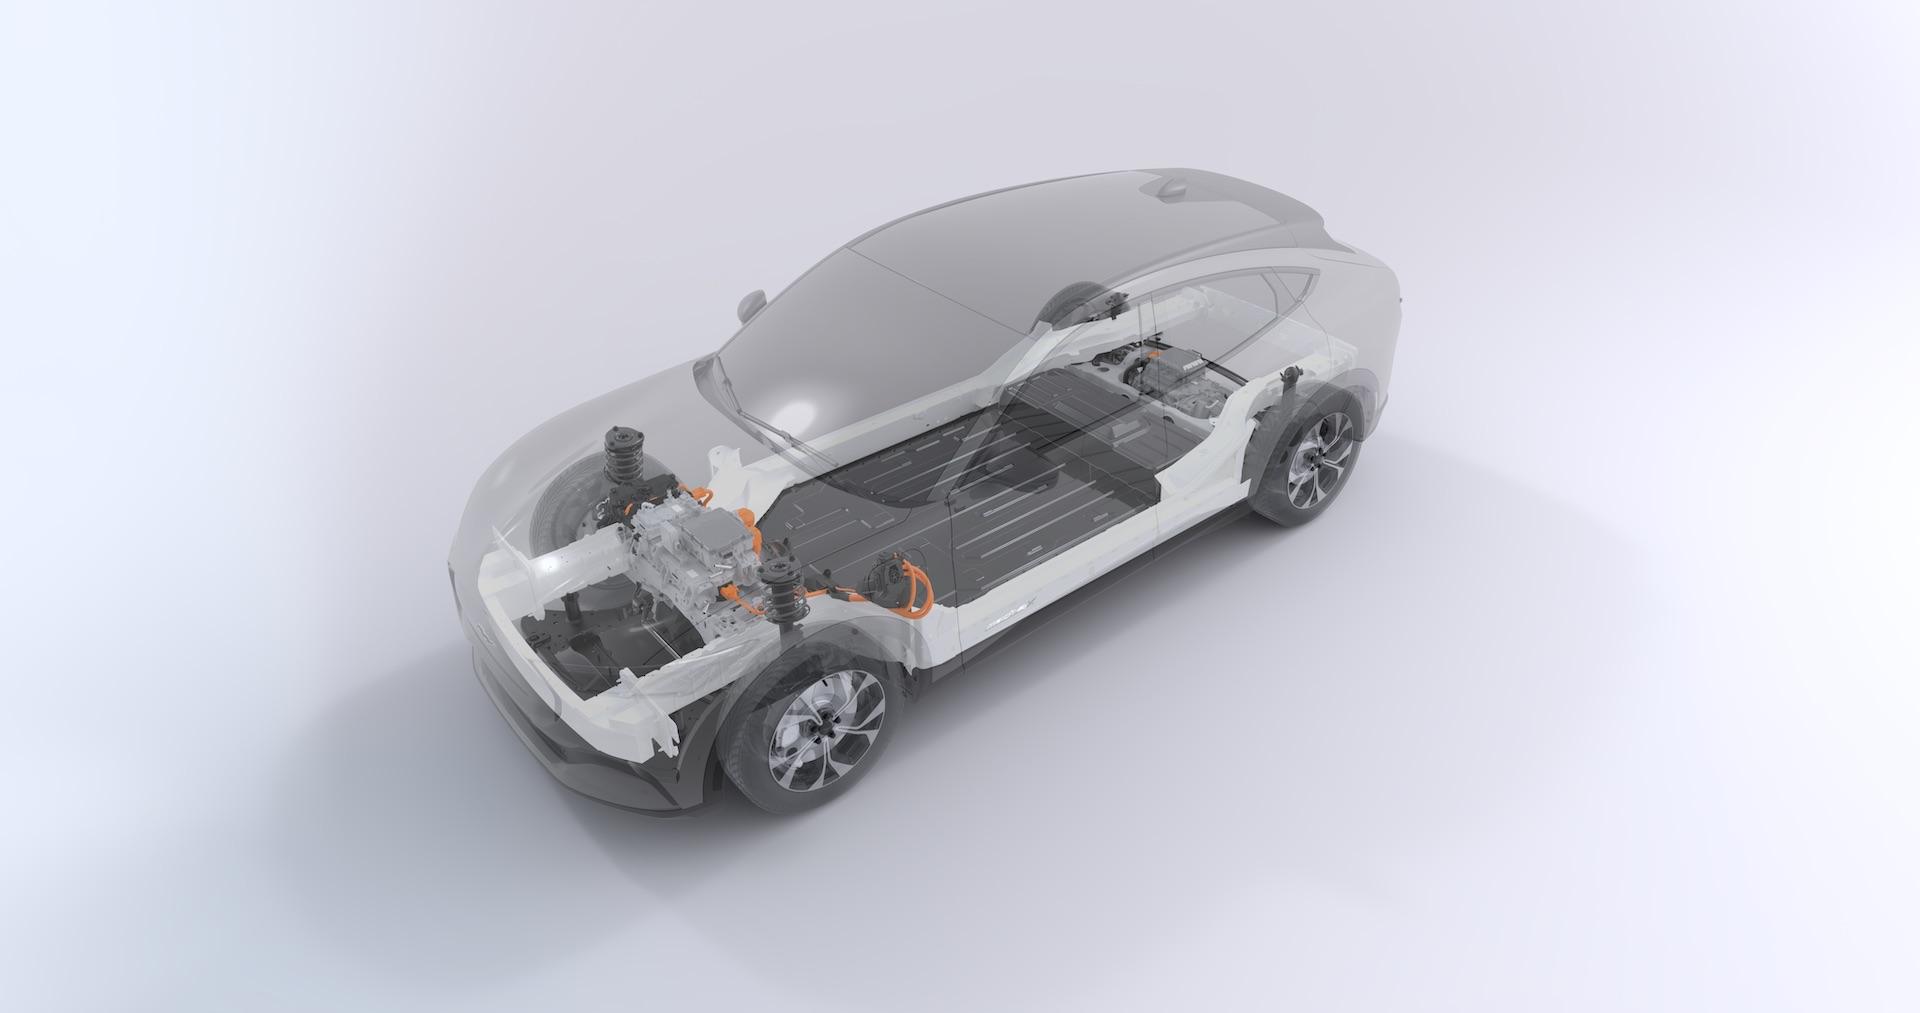 Hệ thống truyền động điện Ford Mustang Mach-E 2021